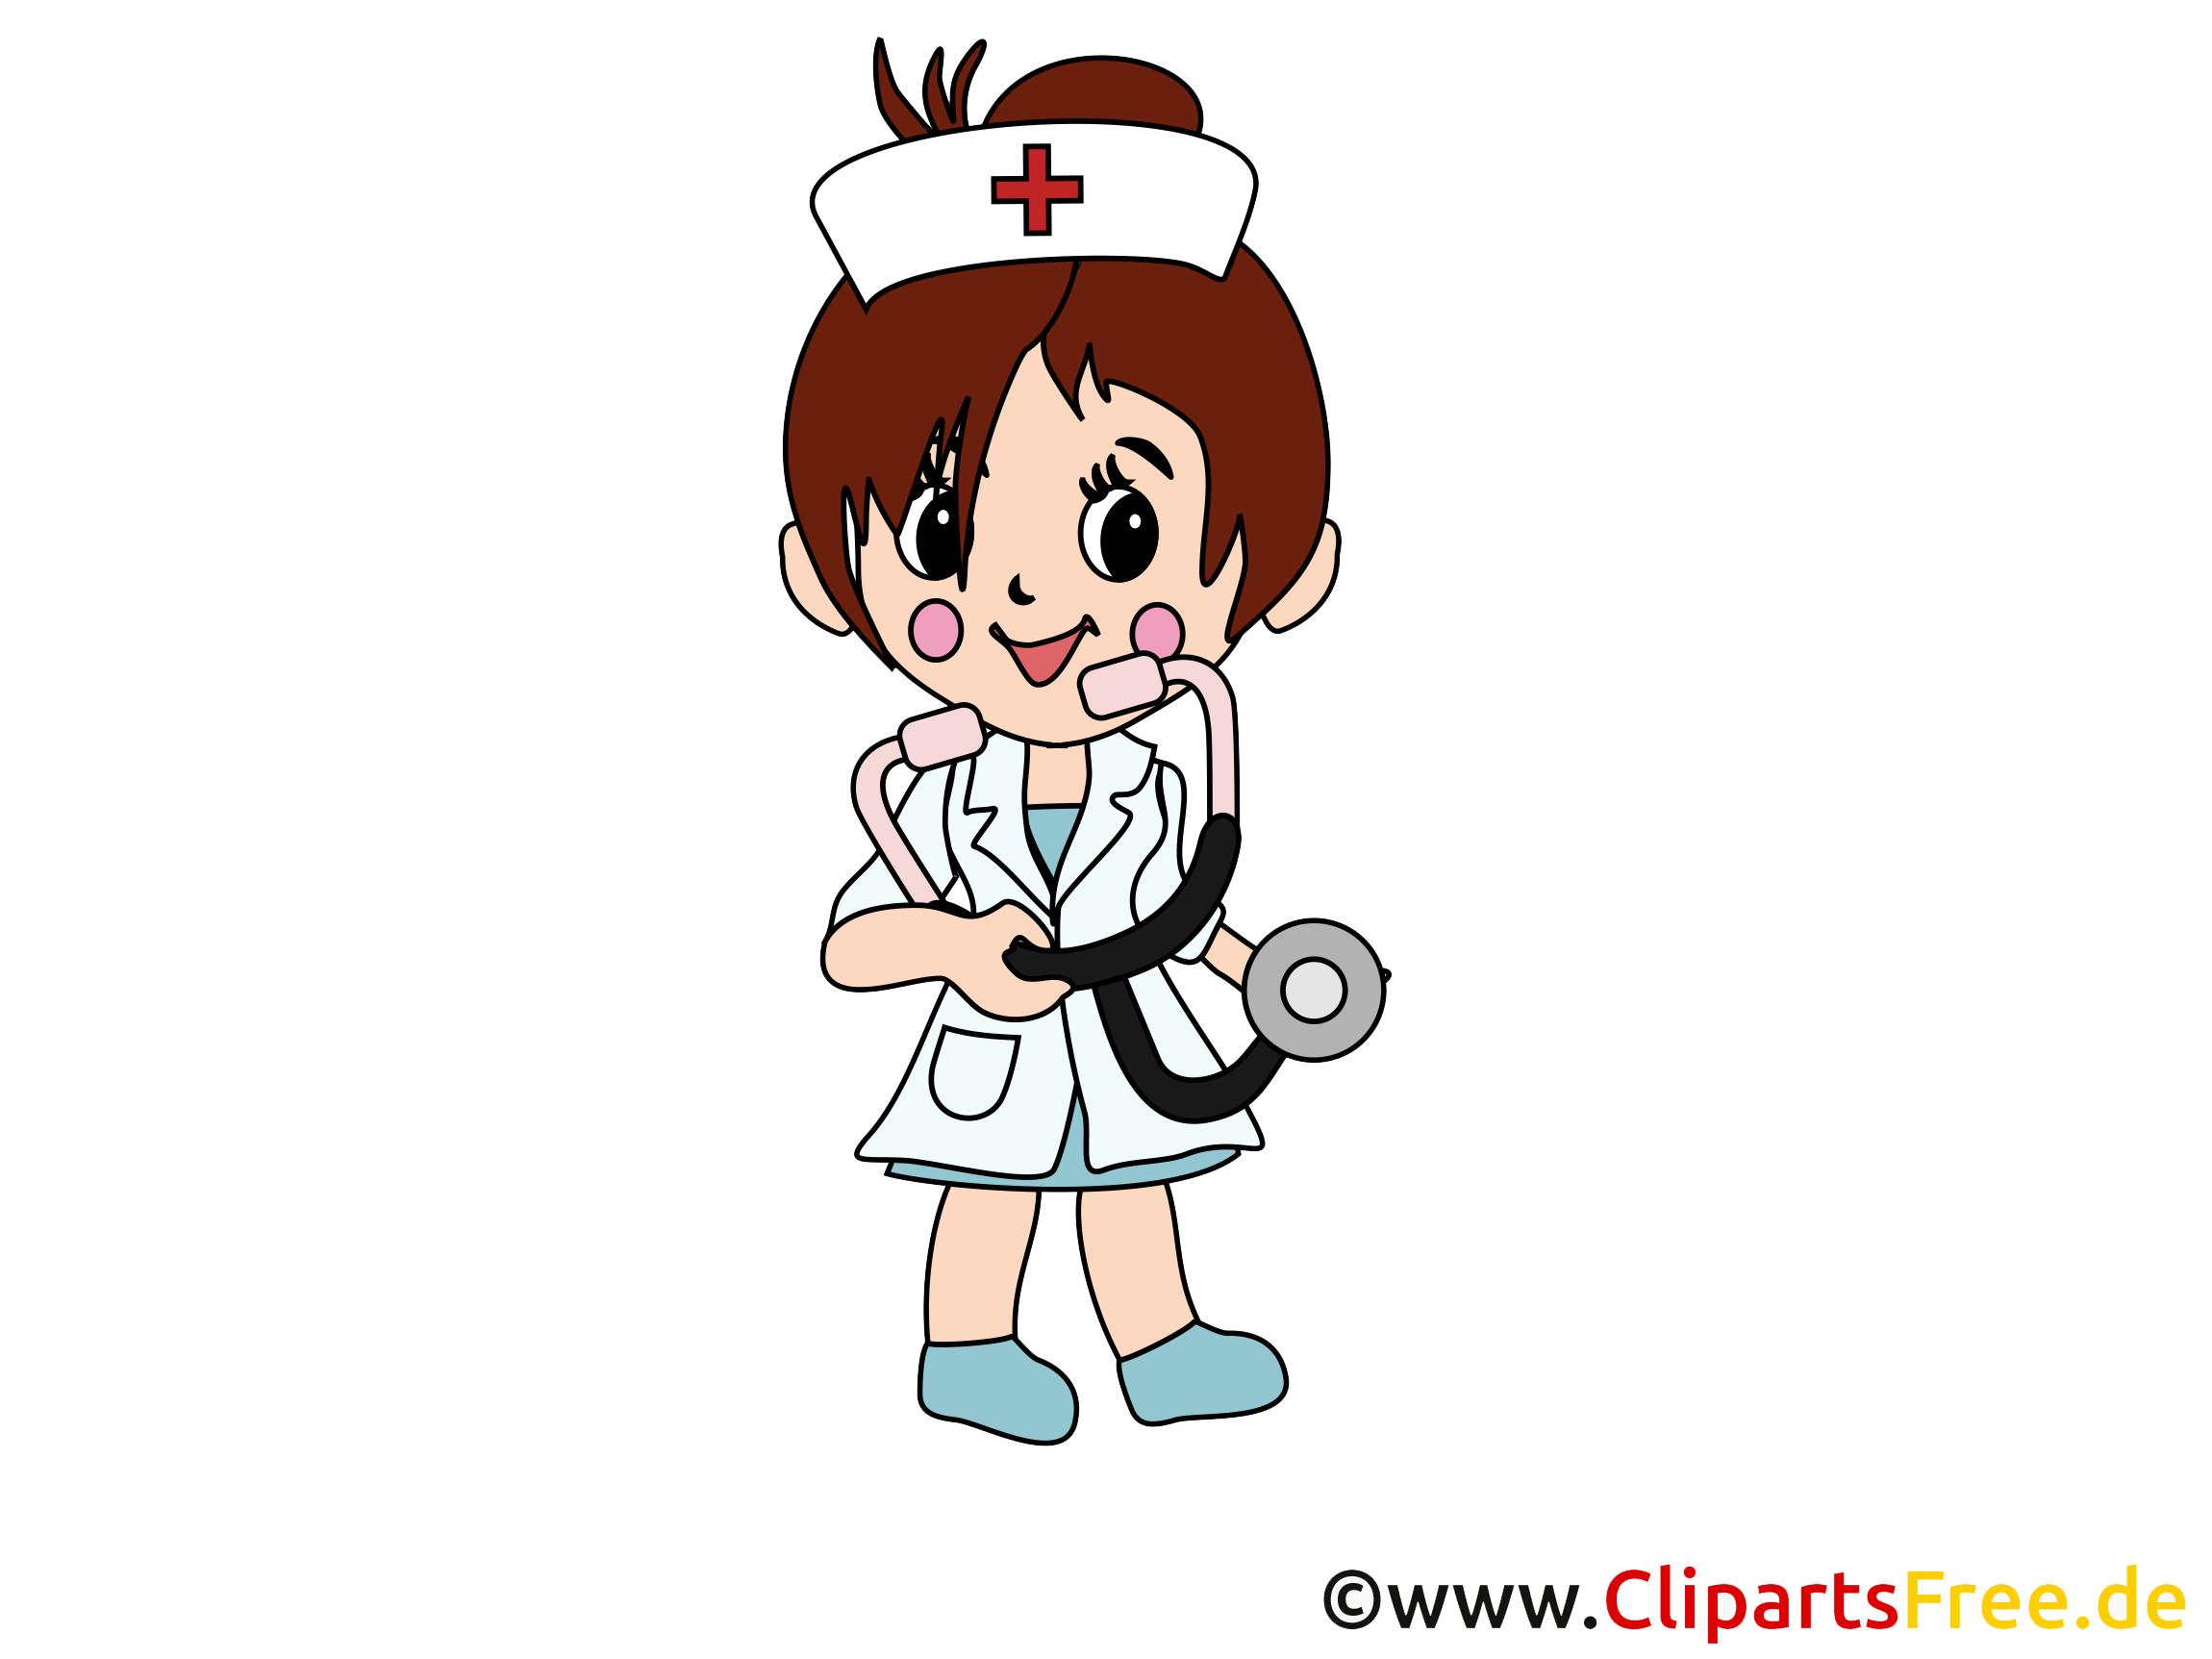 Gesund clipart jpg freeuse library Medizin Bilder, Cliparts, Cartoons, Grafiken, Illustrationen, Gifs ... jpg freeuse library